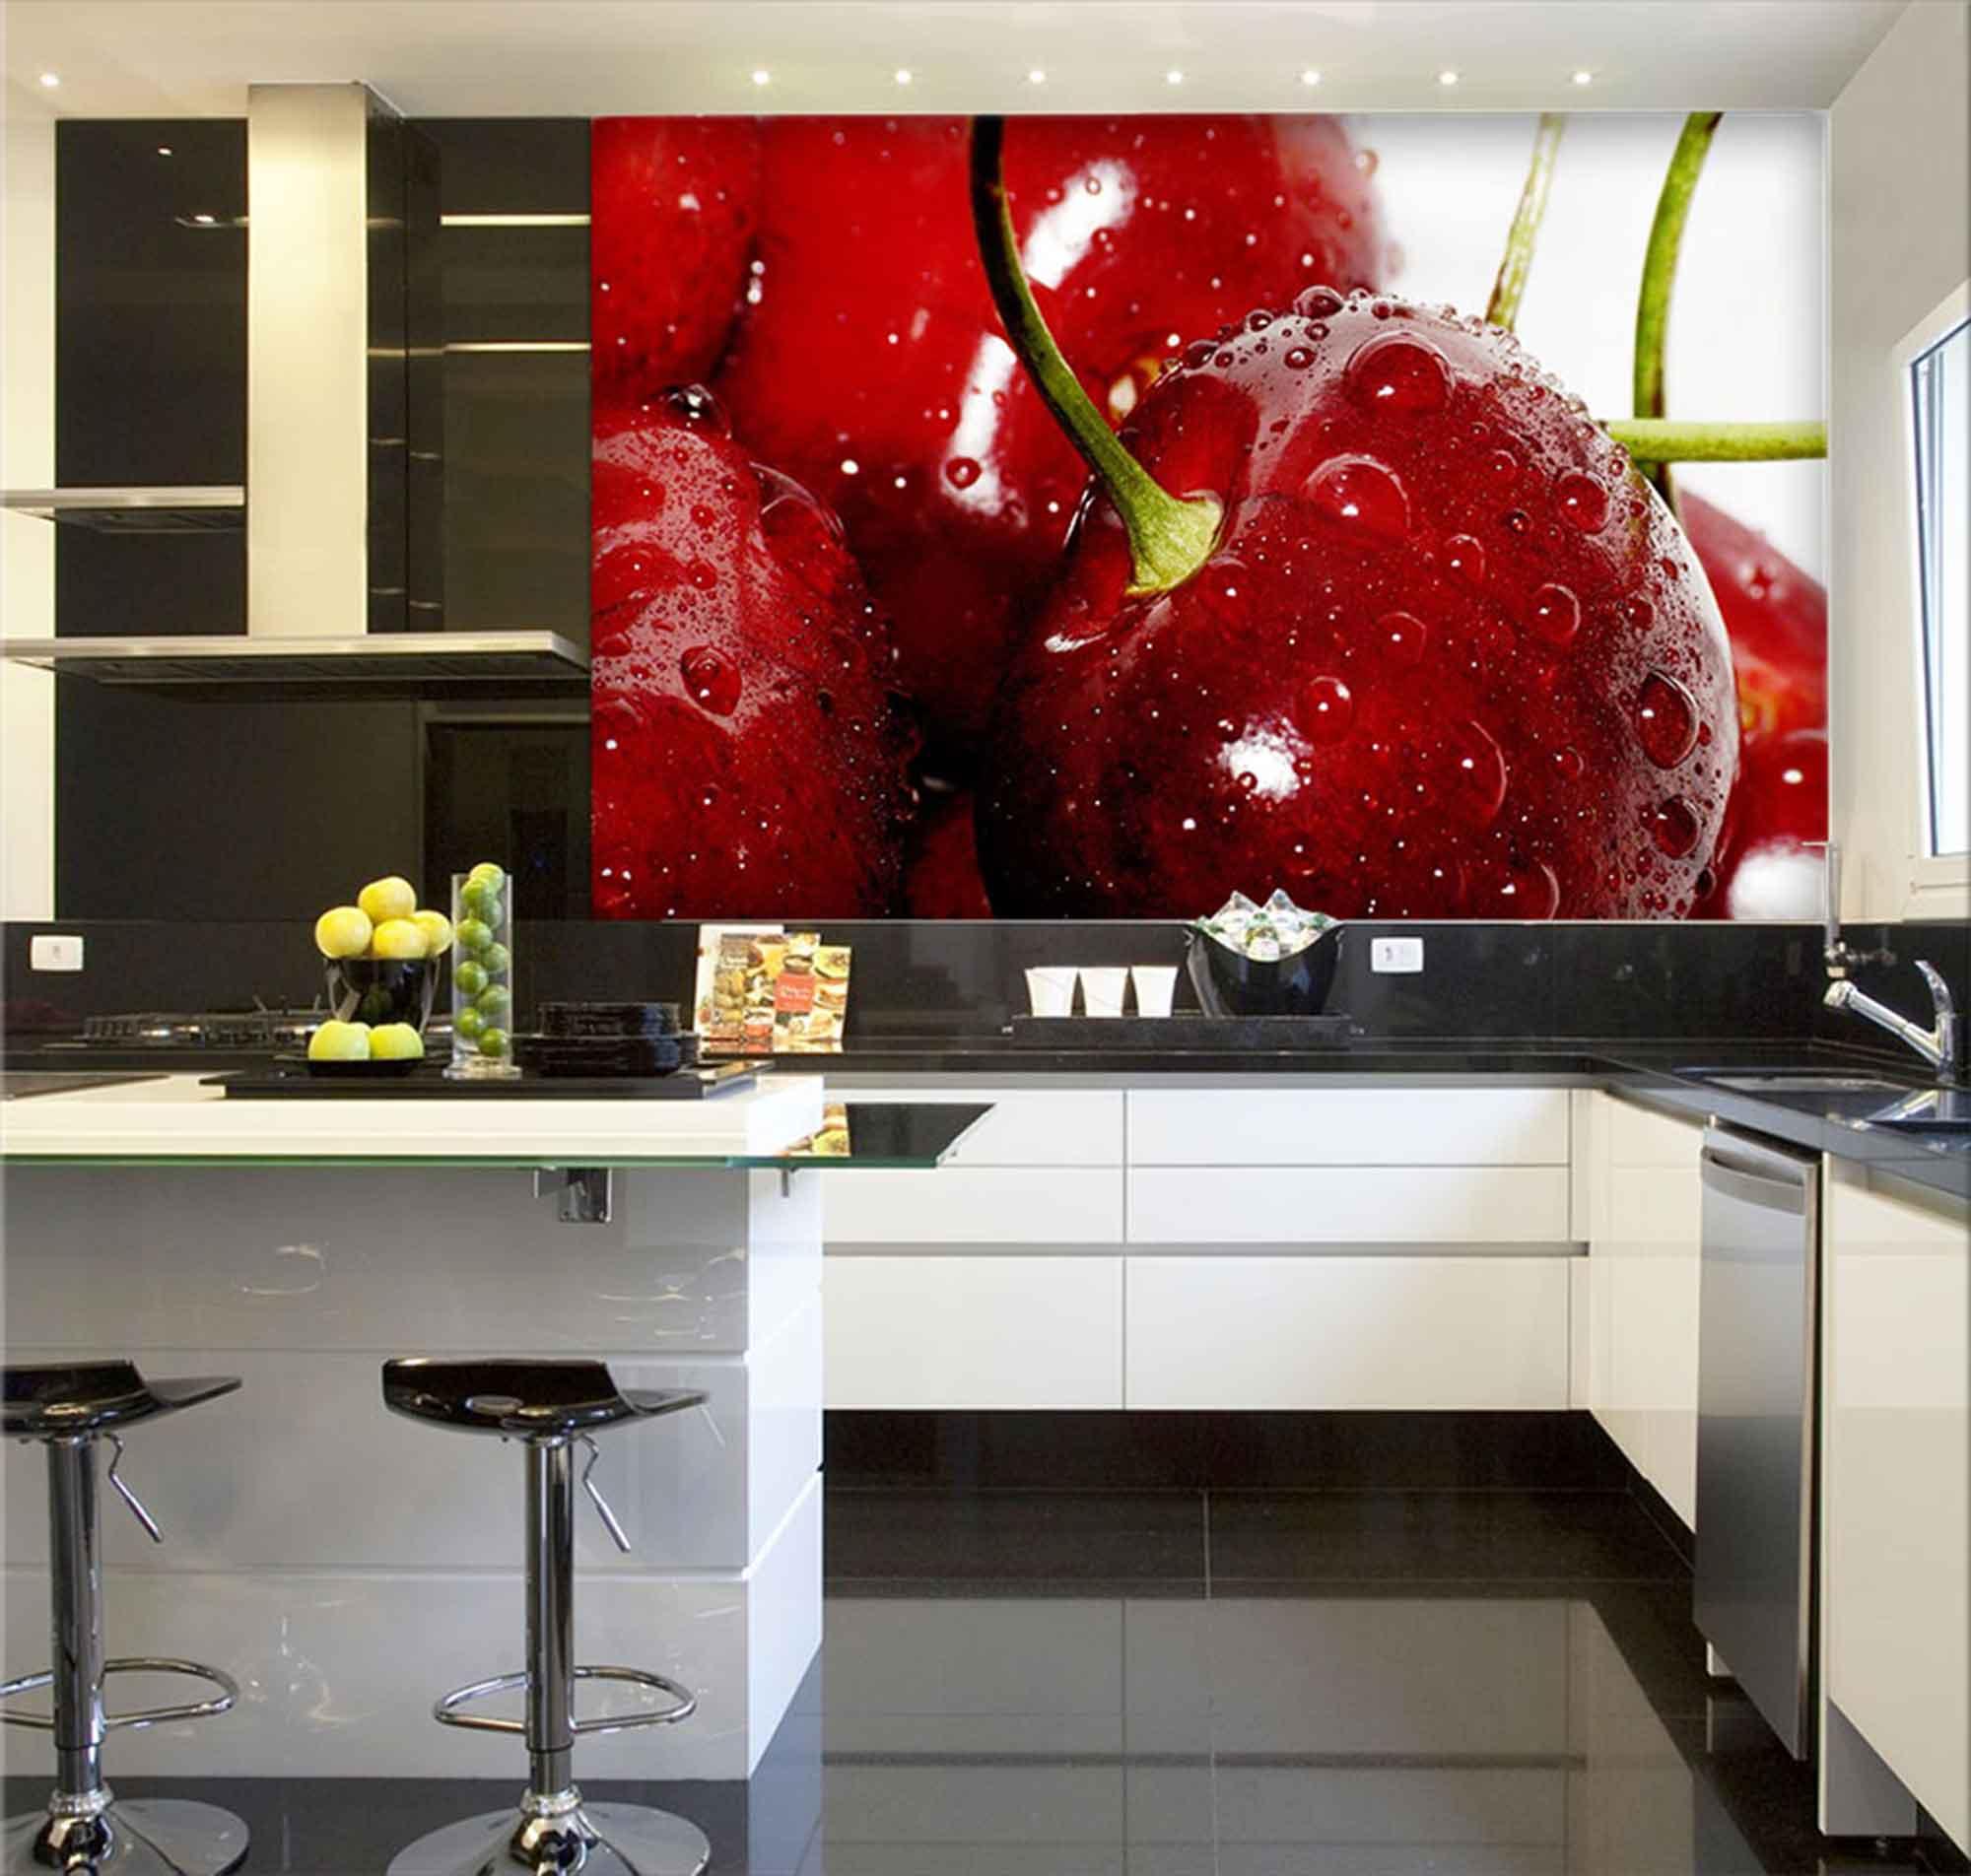 Papel De Parede Para Cozinha 0015 - Sobmedida: m²  - Paredes Decoradas